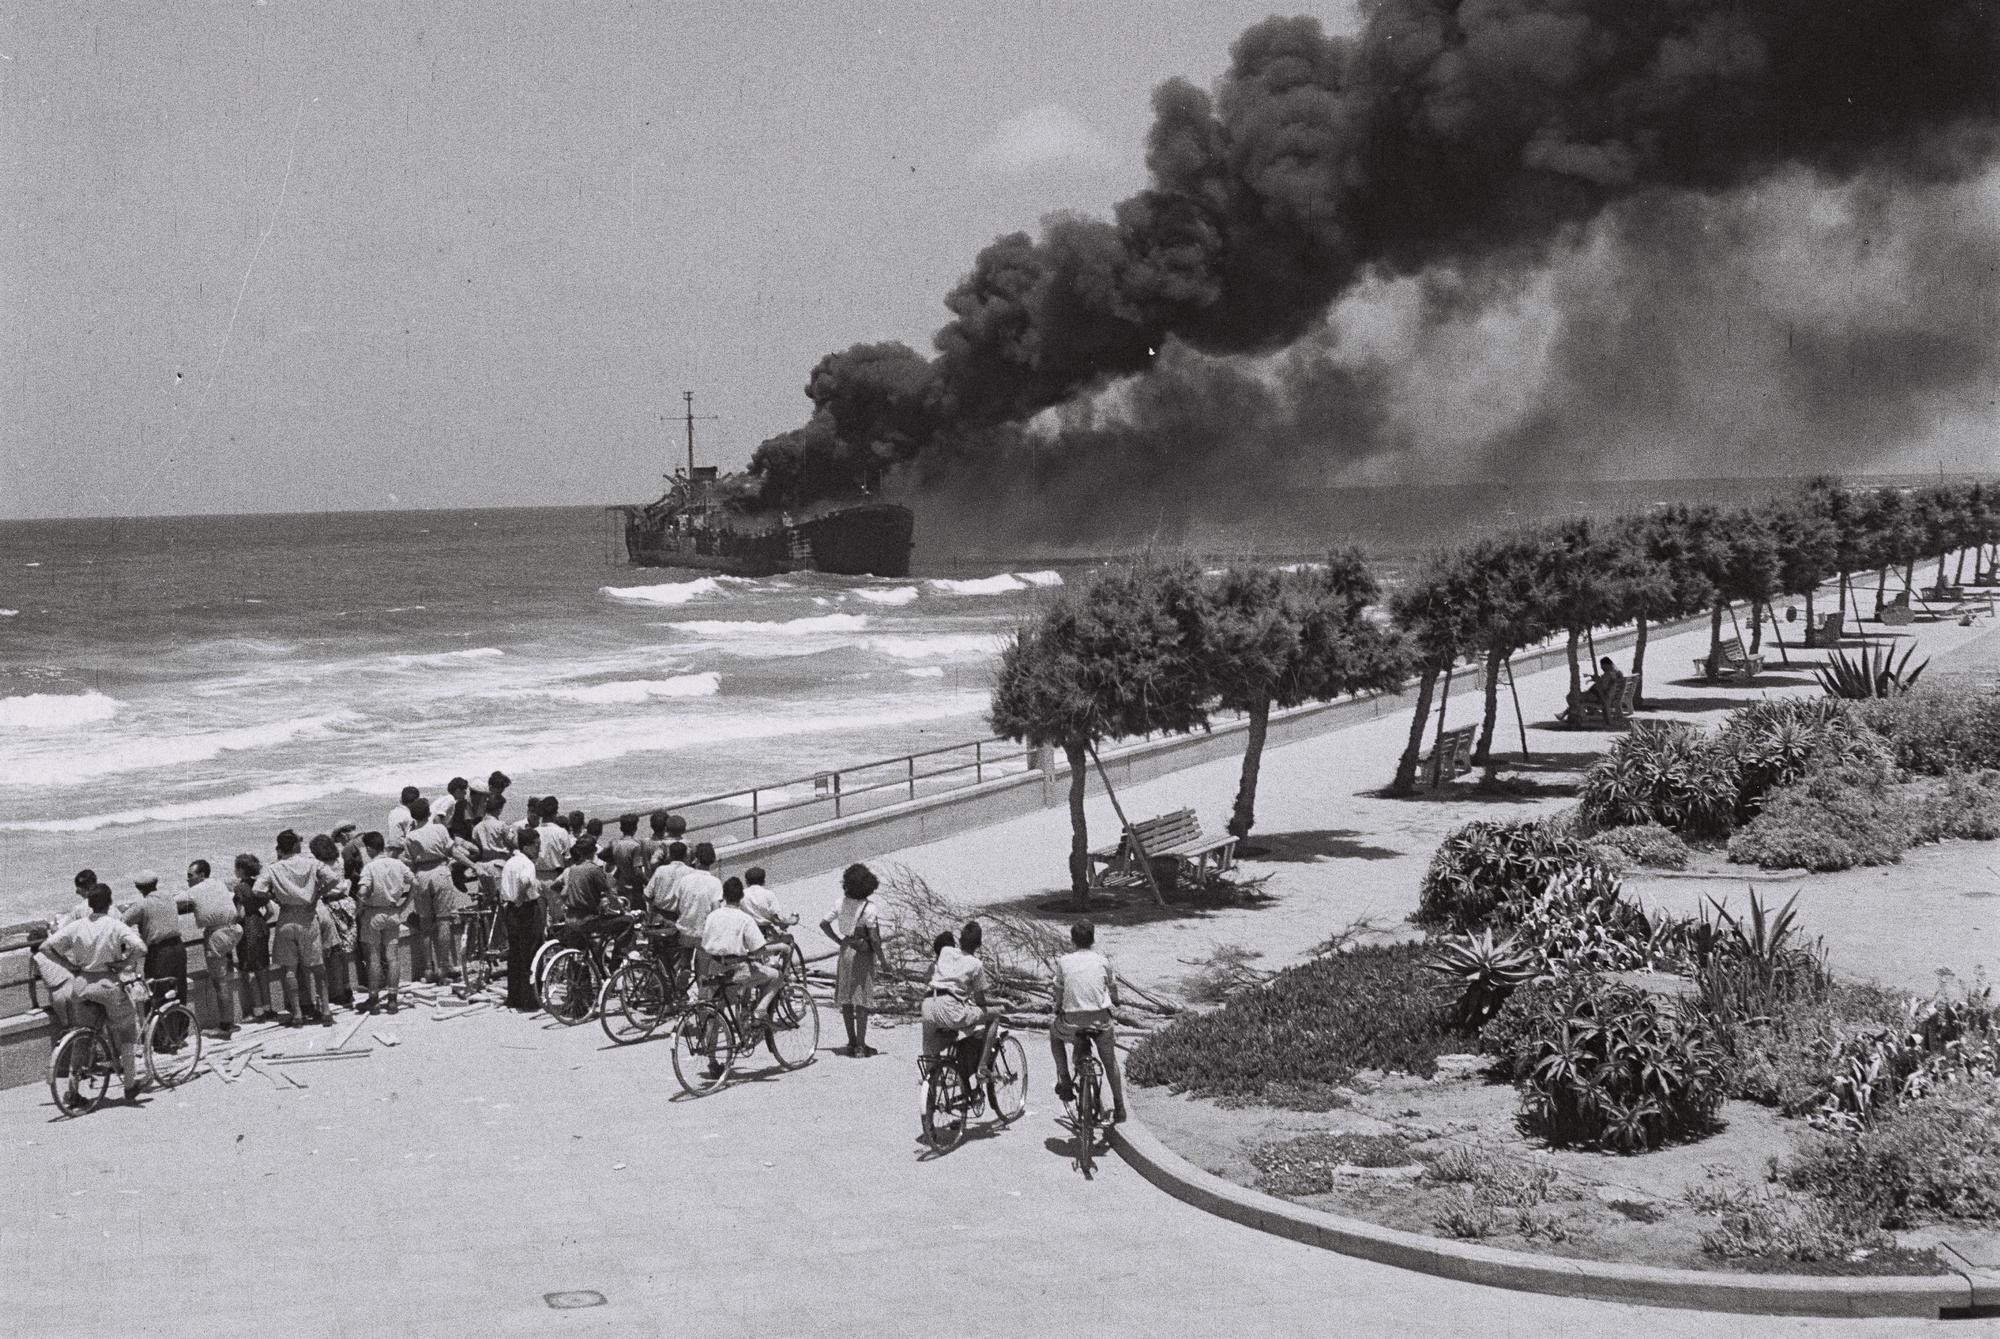 1948. Tel Aviv lakosai nézik az IDF által lebombázott Irgun részére fegyvert szállító teherhajót. A fiatal Izrael legnagyobb belpolitikai nézeteltérése az IDF győzelmével ért véget..jpg